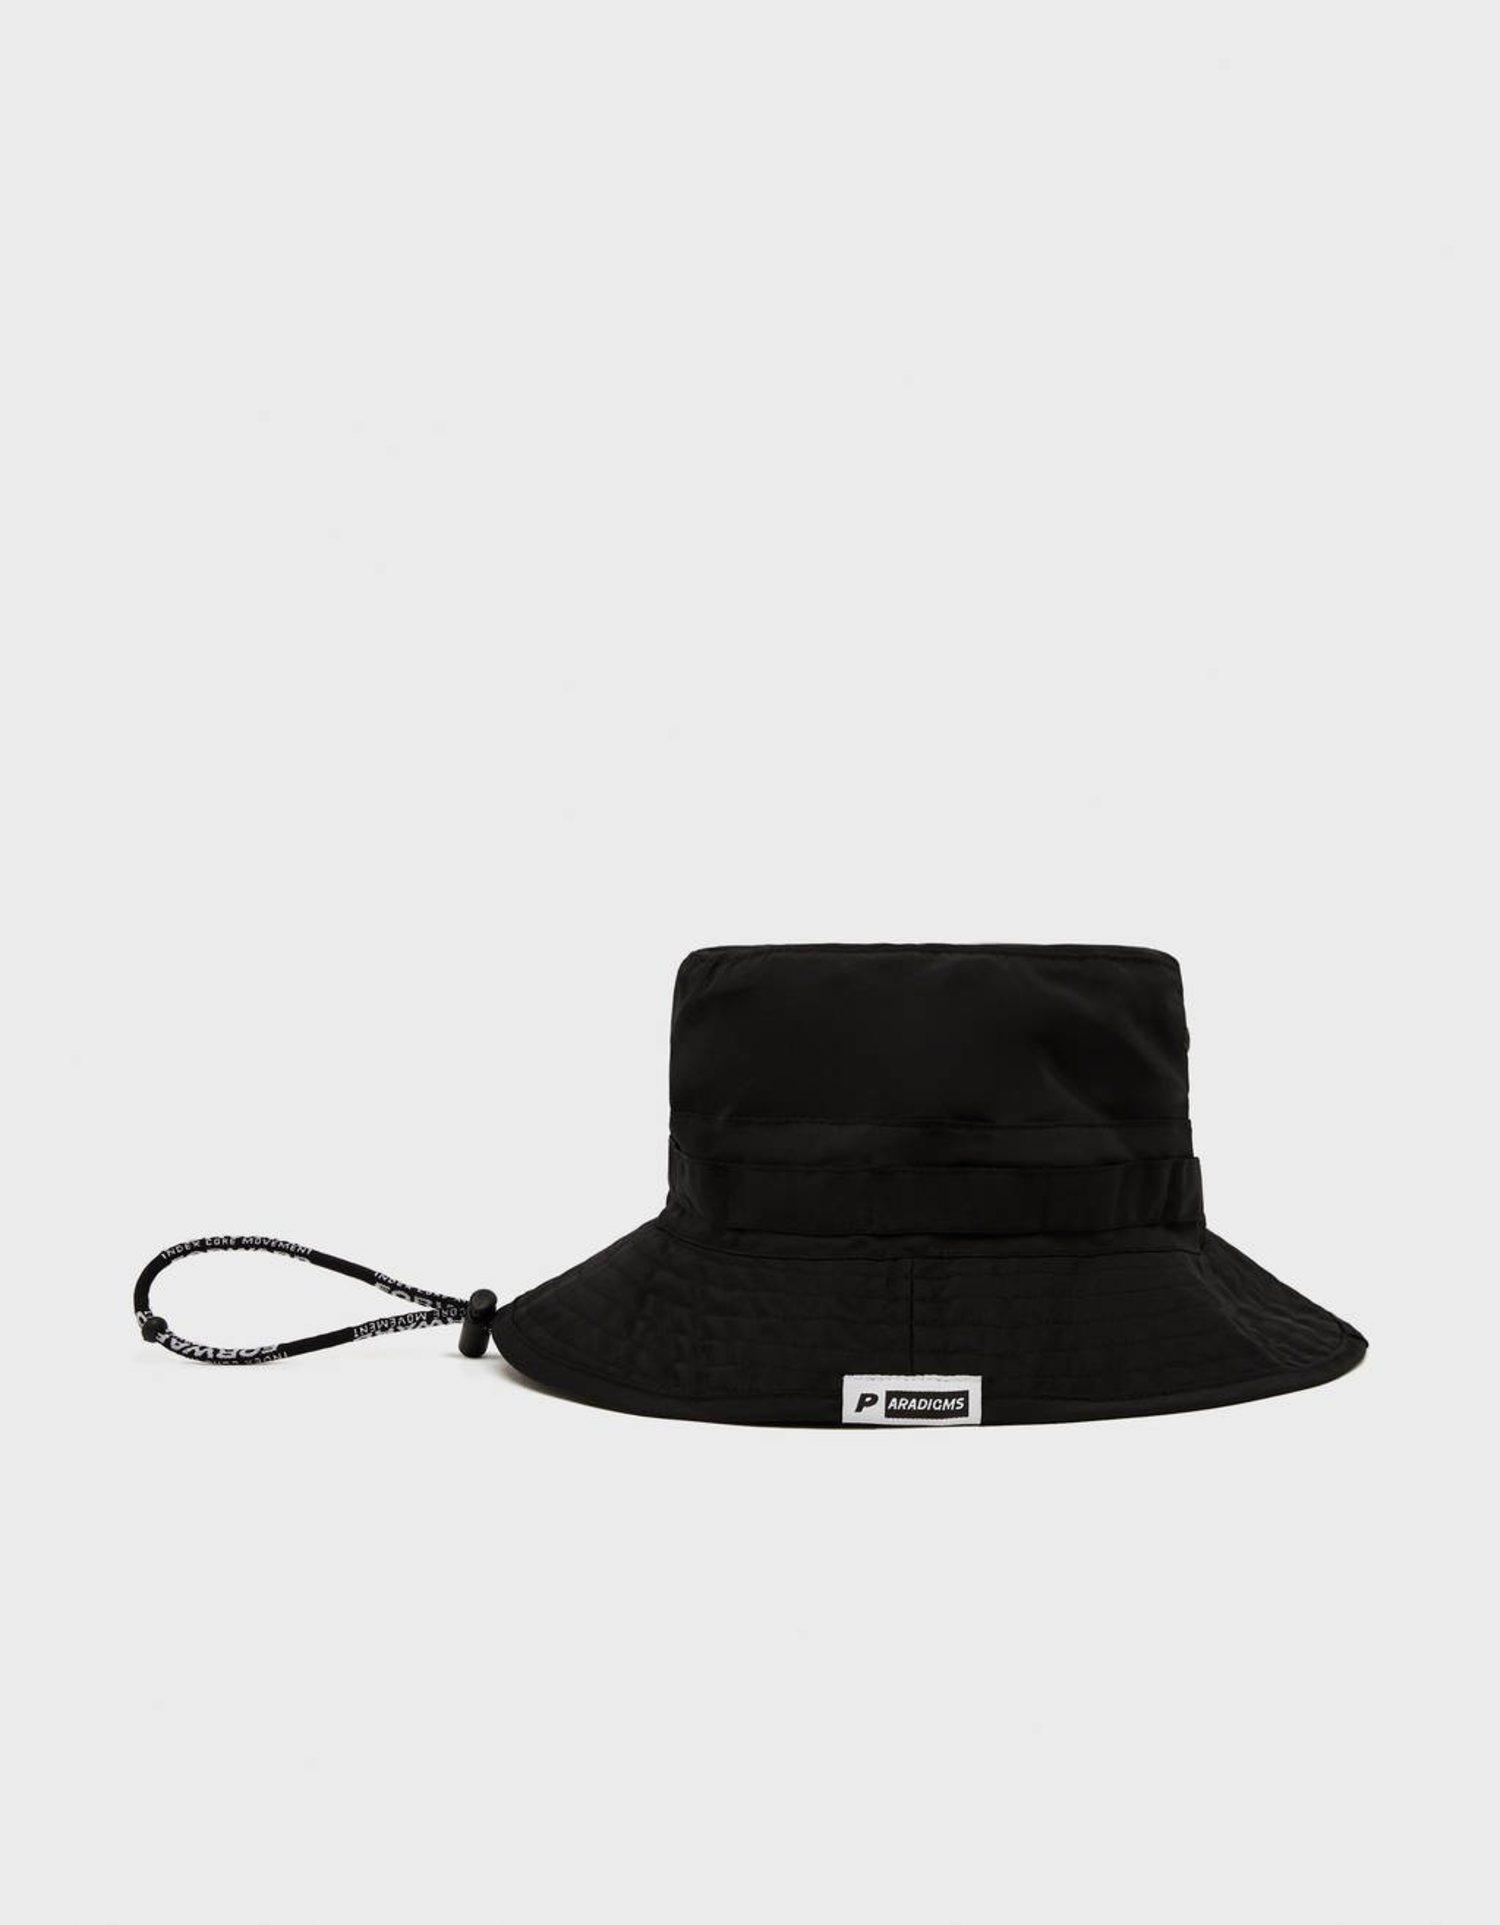 Bucket hat negro.